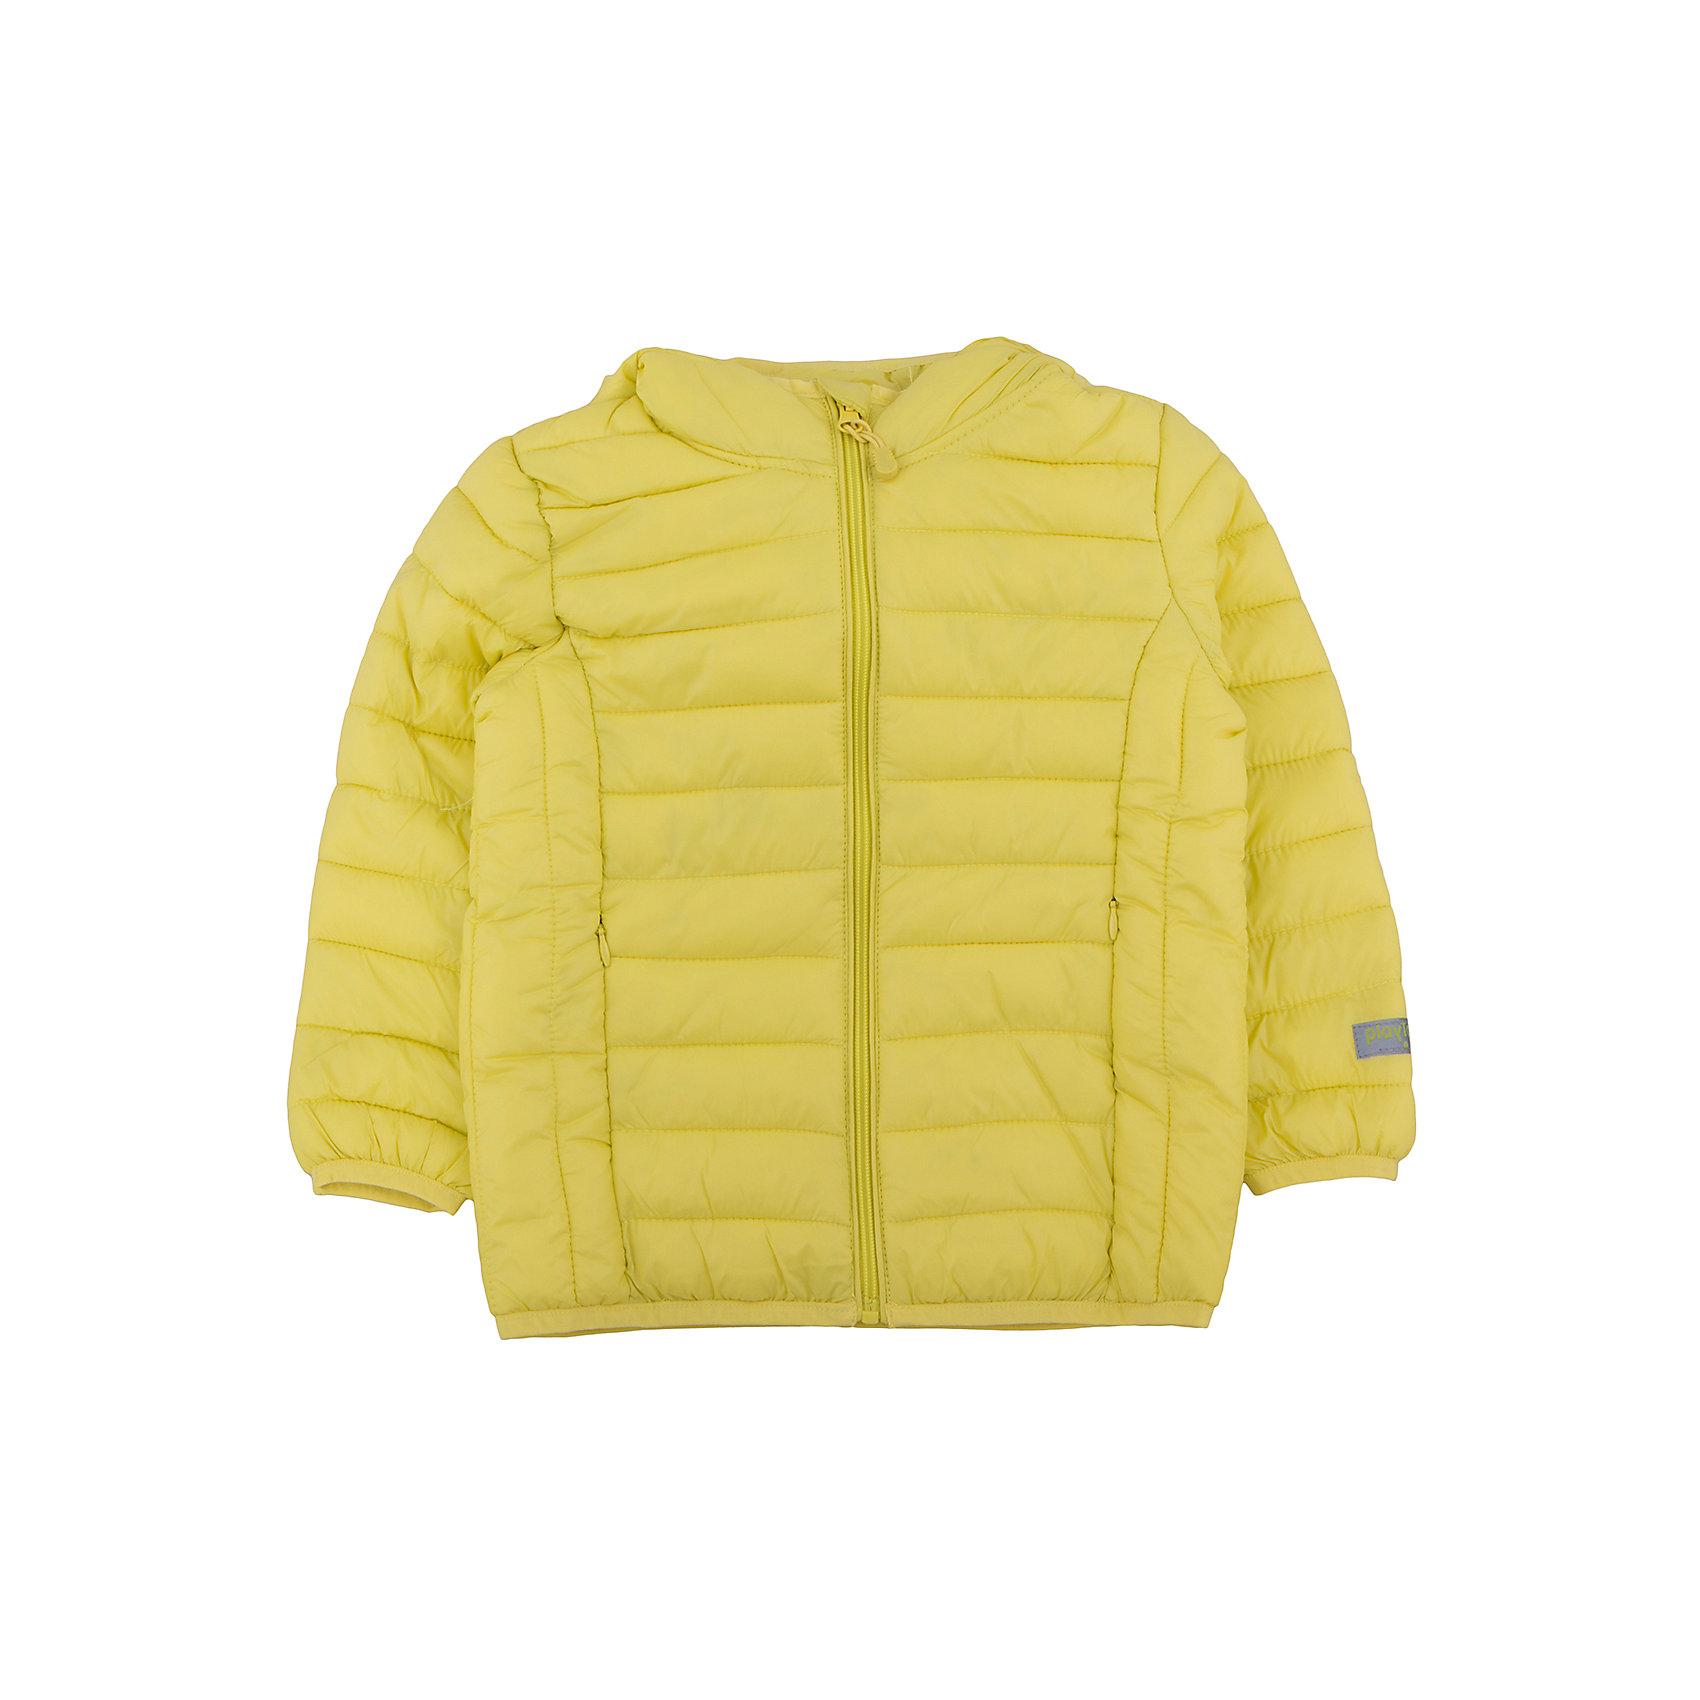 Куртка для мальчика PlayTodayВерхняя одежда<br>Куртка для мальчика от известного бренда PlayToday.<br>Яркая лимонно-лаймовая стеганая куртка с капюшоном. Специально для капризов нашей погоды: легкая, можно удобно сложить и носить в сумке или рюкзаке. Защитит от ветра и легкого дождя.Застегивается на молнию с внутренней ветрозащитной планкой и защитой подбородка. Края обработаны эластичным кантом. <br>Состав:<br>Верх: 100% нейлон, подкладка: 100% нейлон, наполнитель: 100% полиэстер, 150 г<br><br>Ширина мм: 356<br>Глубина мм: 10<br>Высота мм: 245<br>Вес г: 519<br>Цвет: желтый<br>Возраст от месяцев: 72<br>Возраст до месяцев: 84<br>Пол: Мужской<br>Возраст: Детский<br>Размер: 122,104,128,116,110,98<br>SKU: 4896550